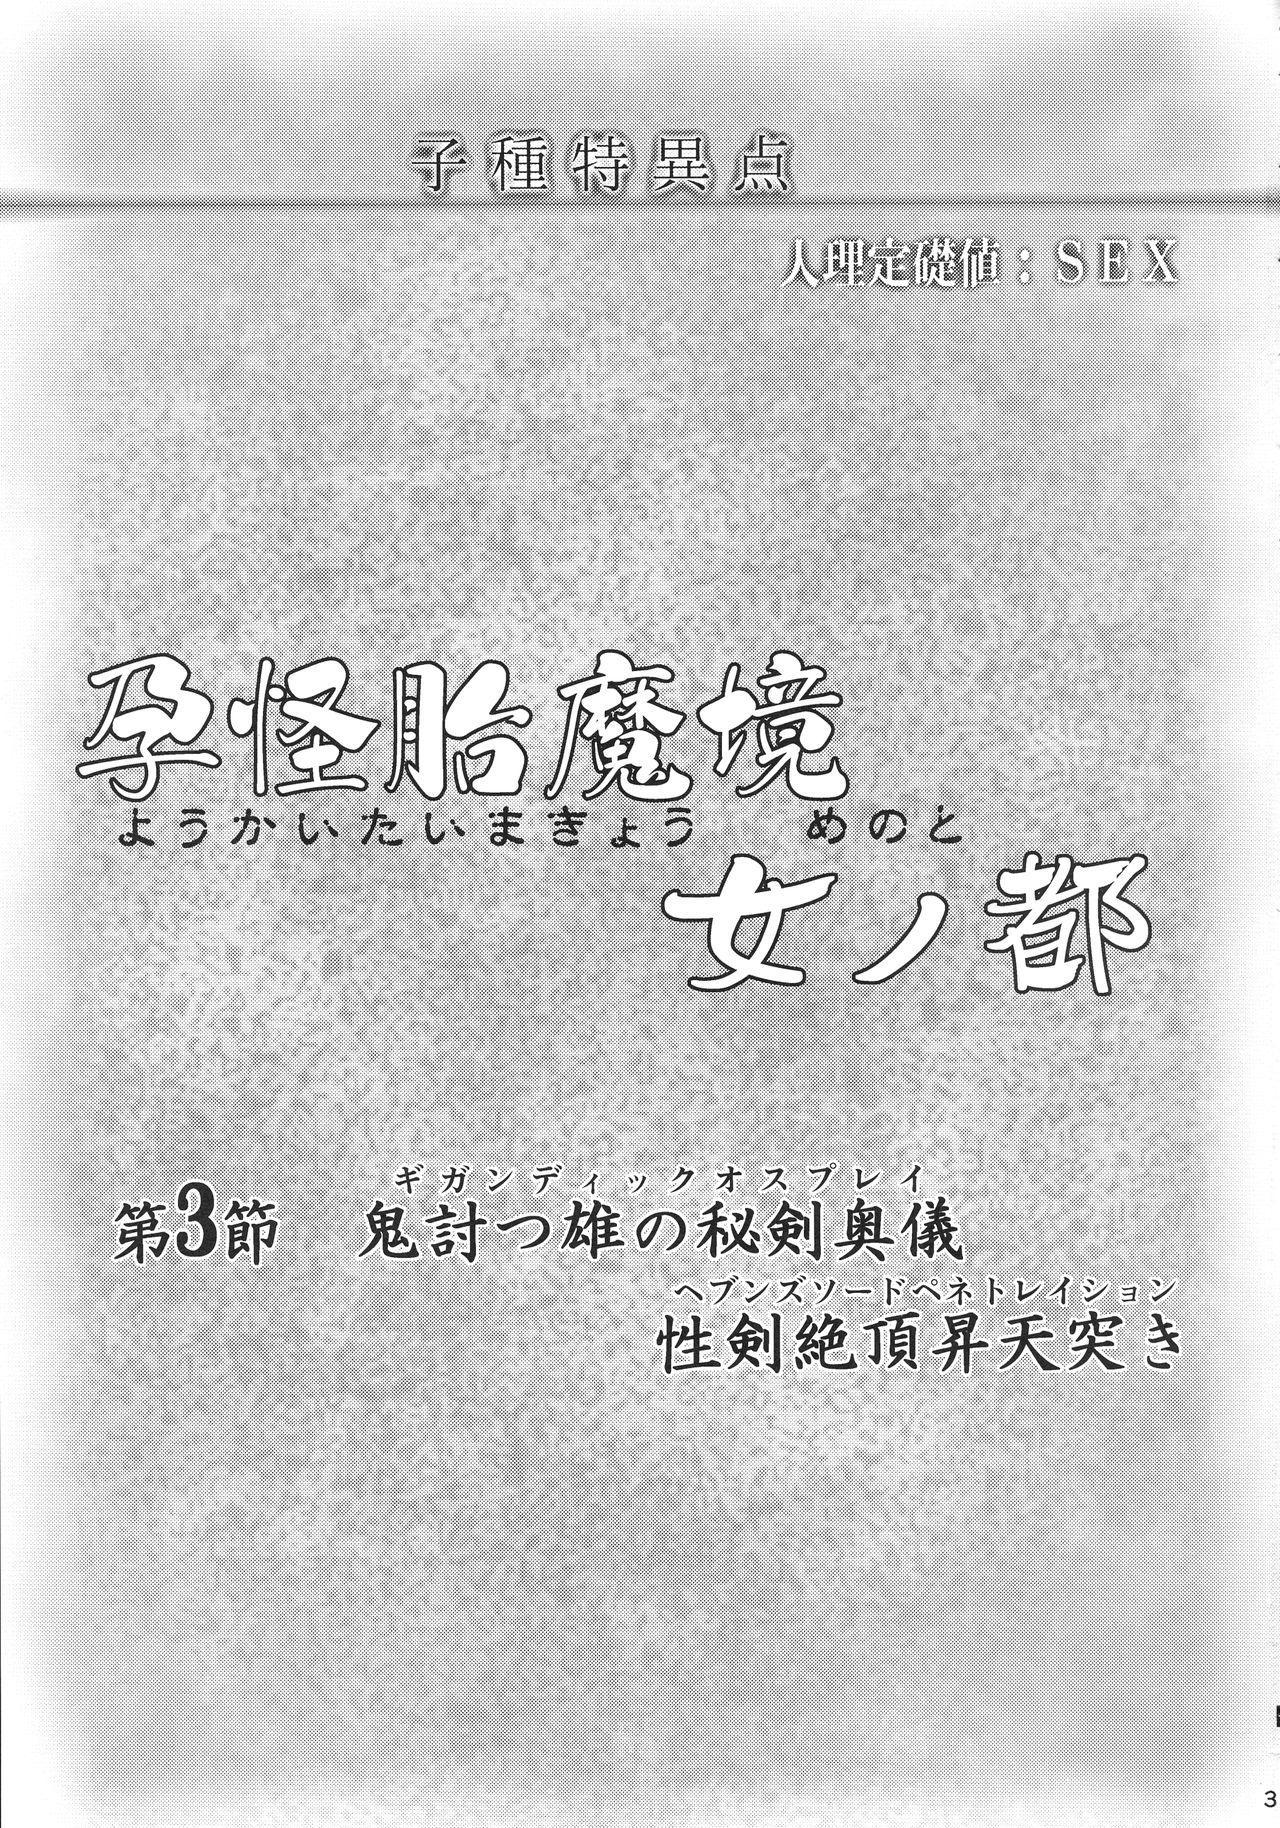 Youkai Taima Sakai Onna no Miyako Dai 3-setsu 2